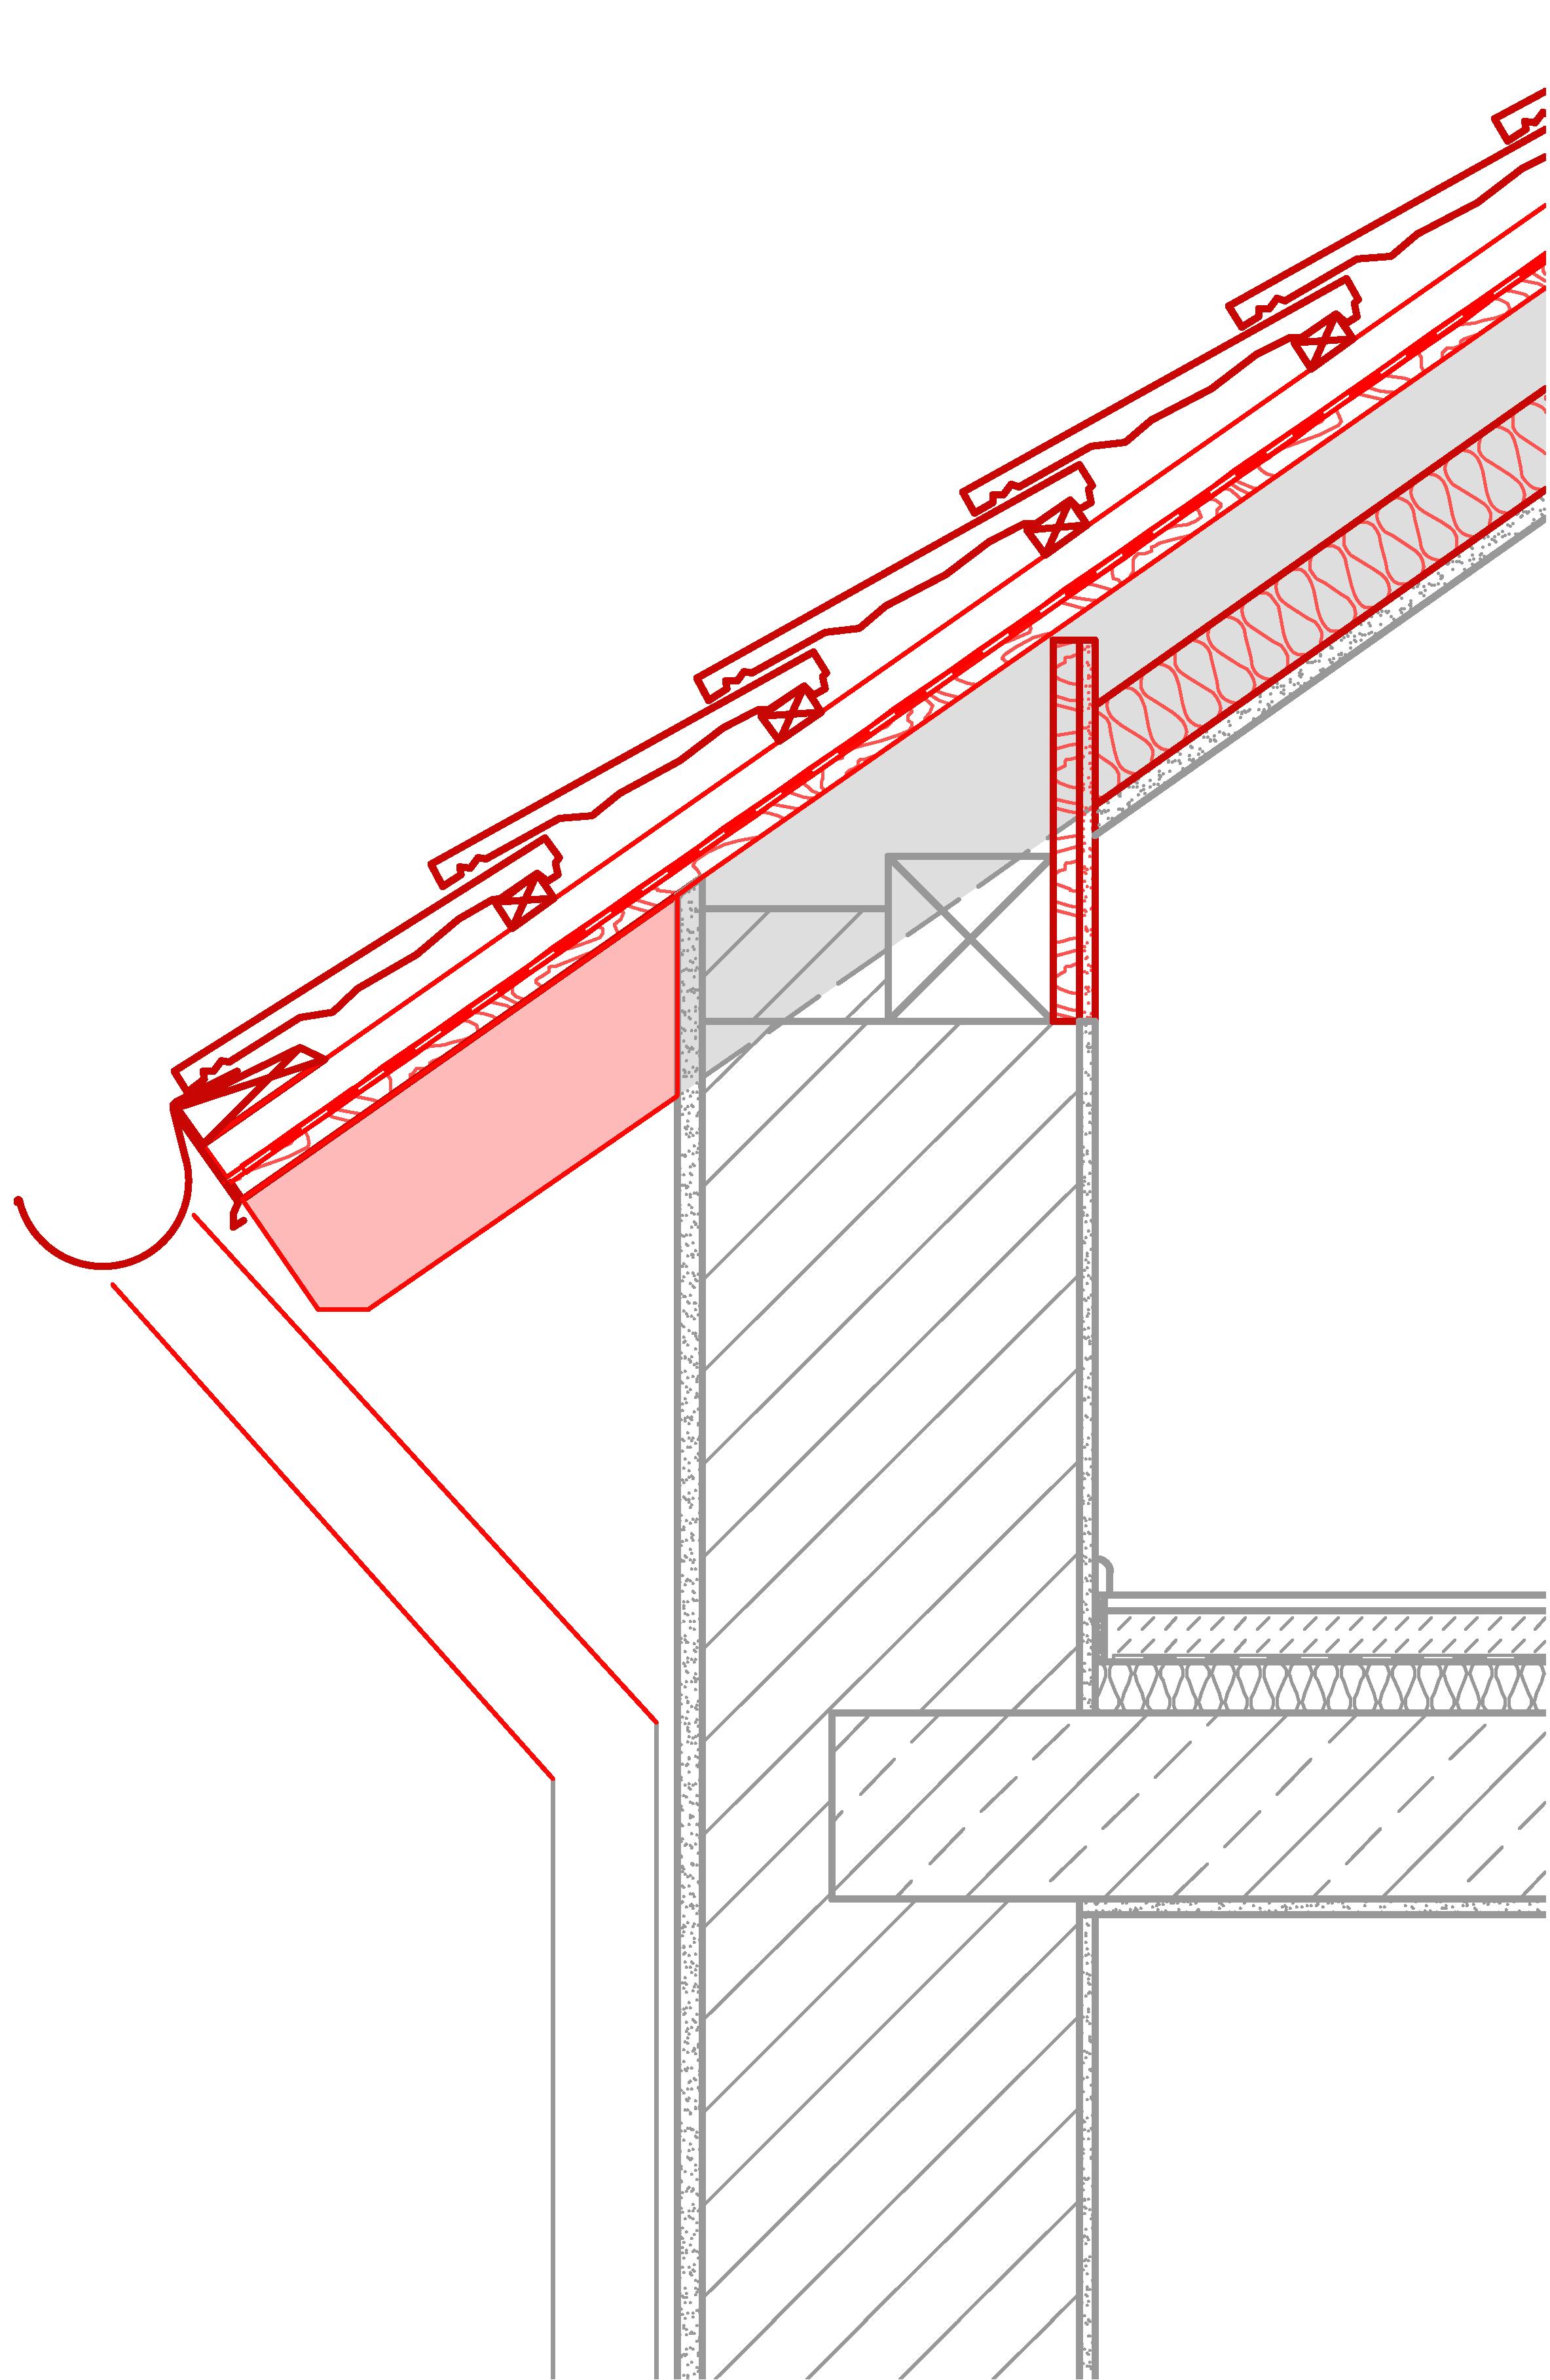 Fabulous 13b Dach Auf+Zwischensparren mit AW - Netzwerk Alpines Bauen MM21